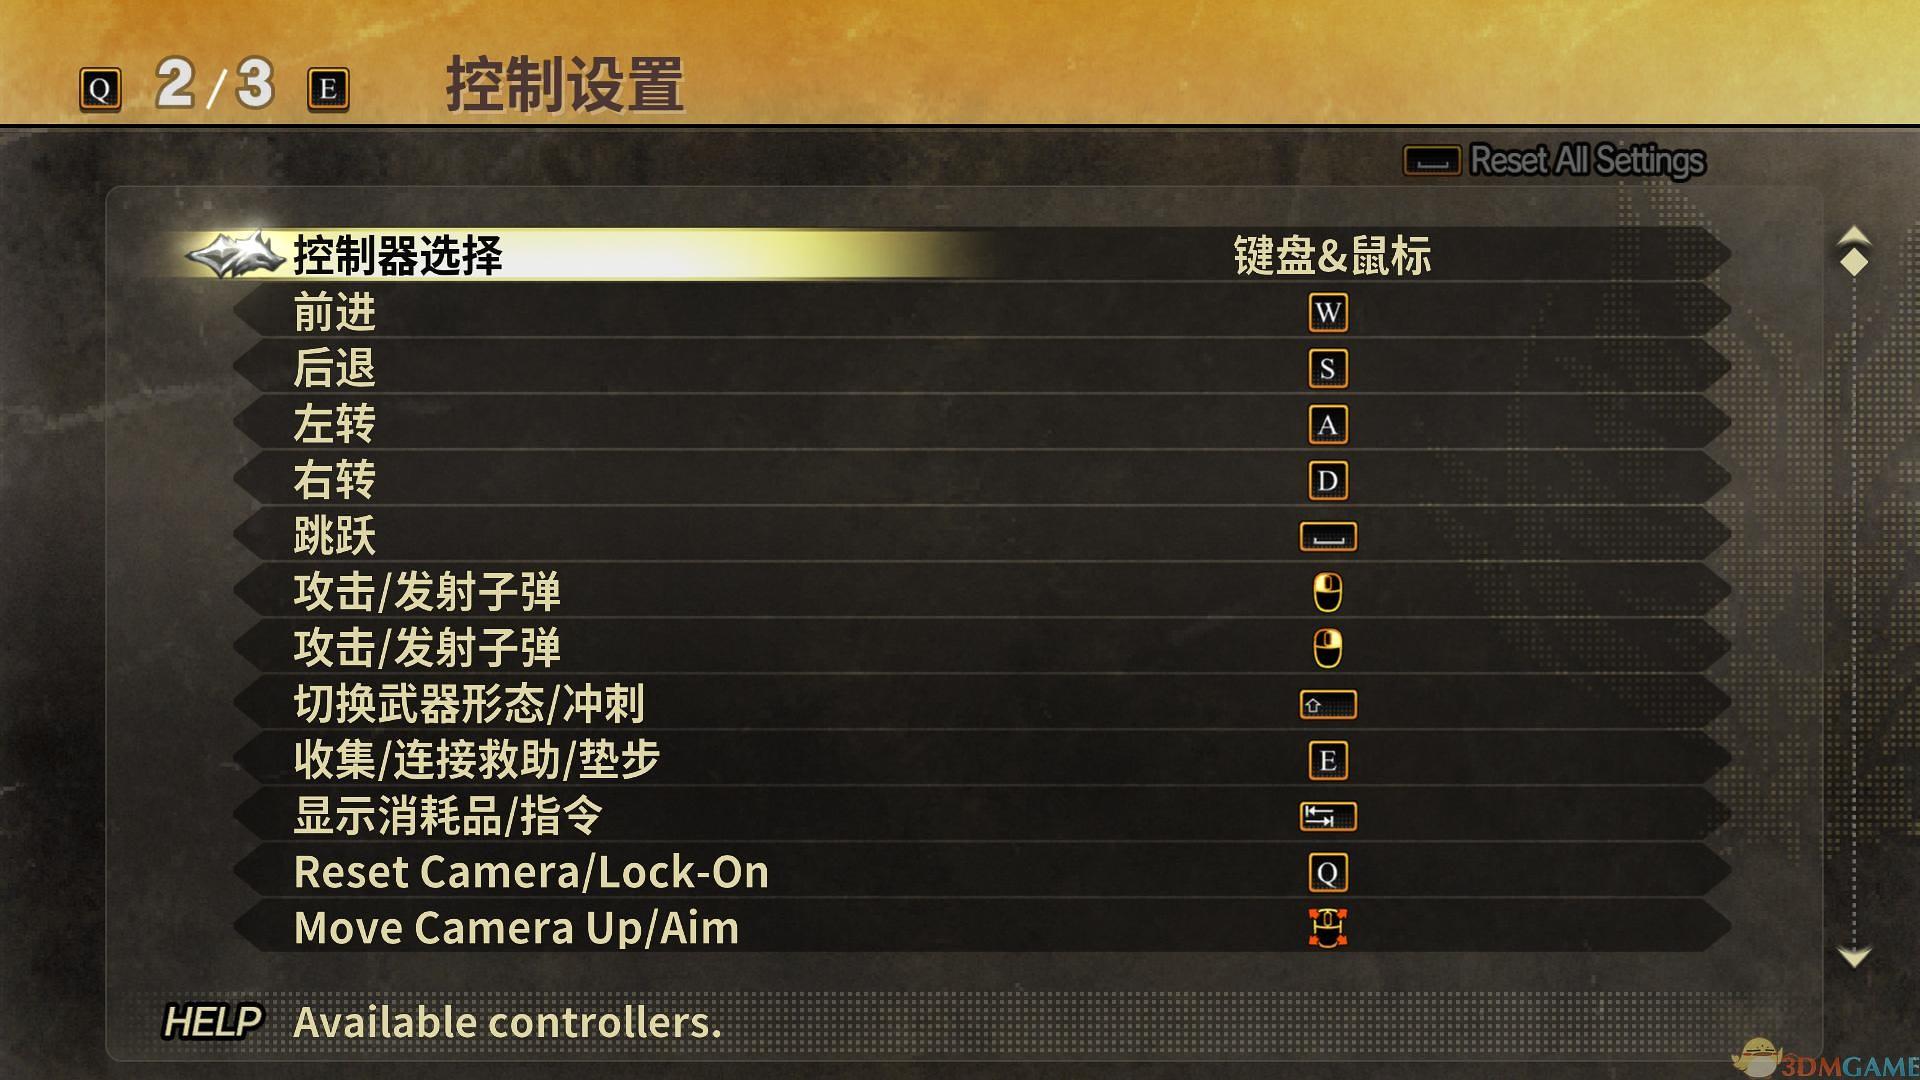 噬神者2:狂怒解放 通关存档